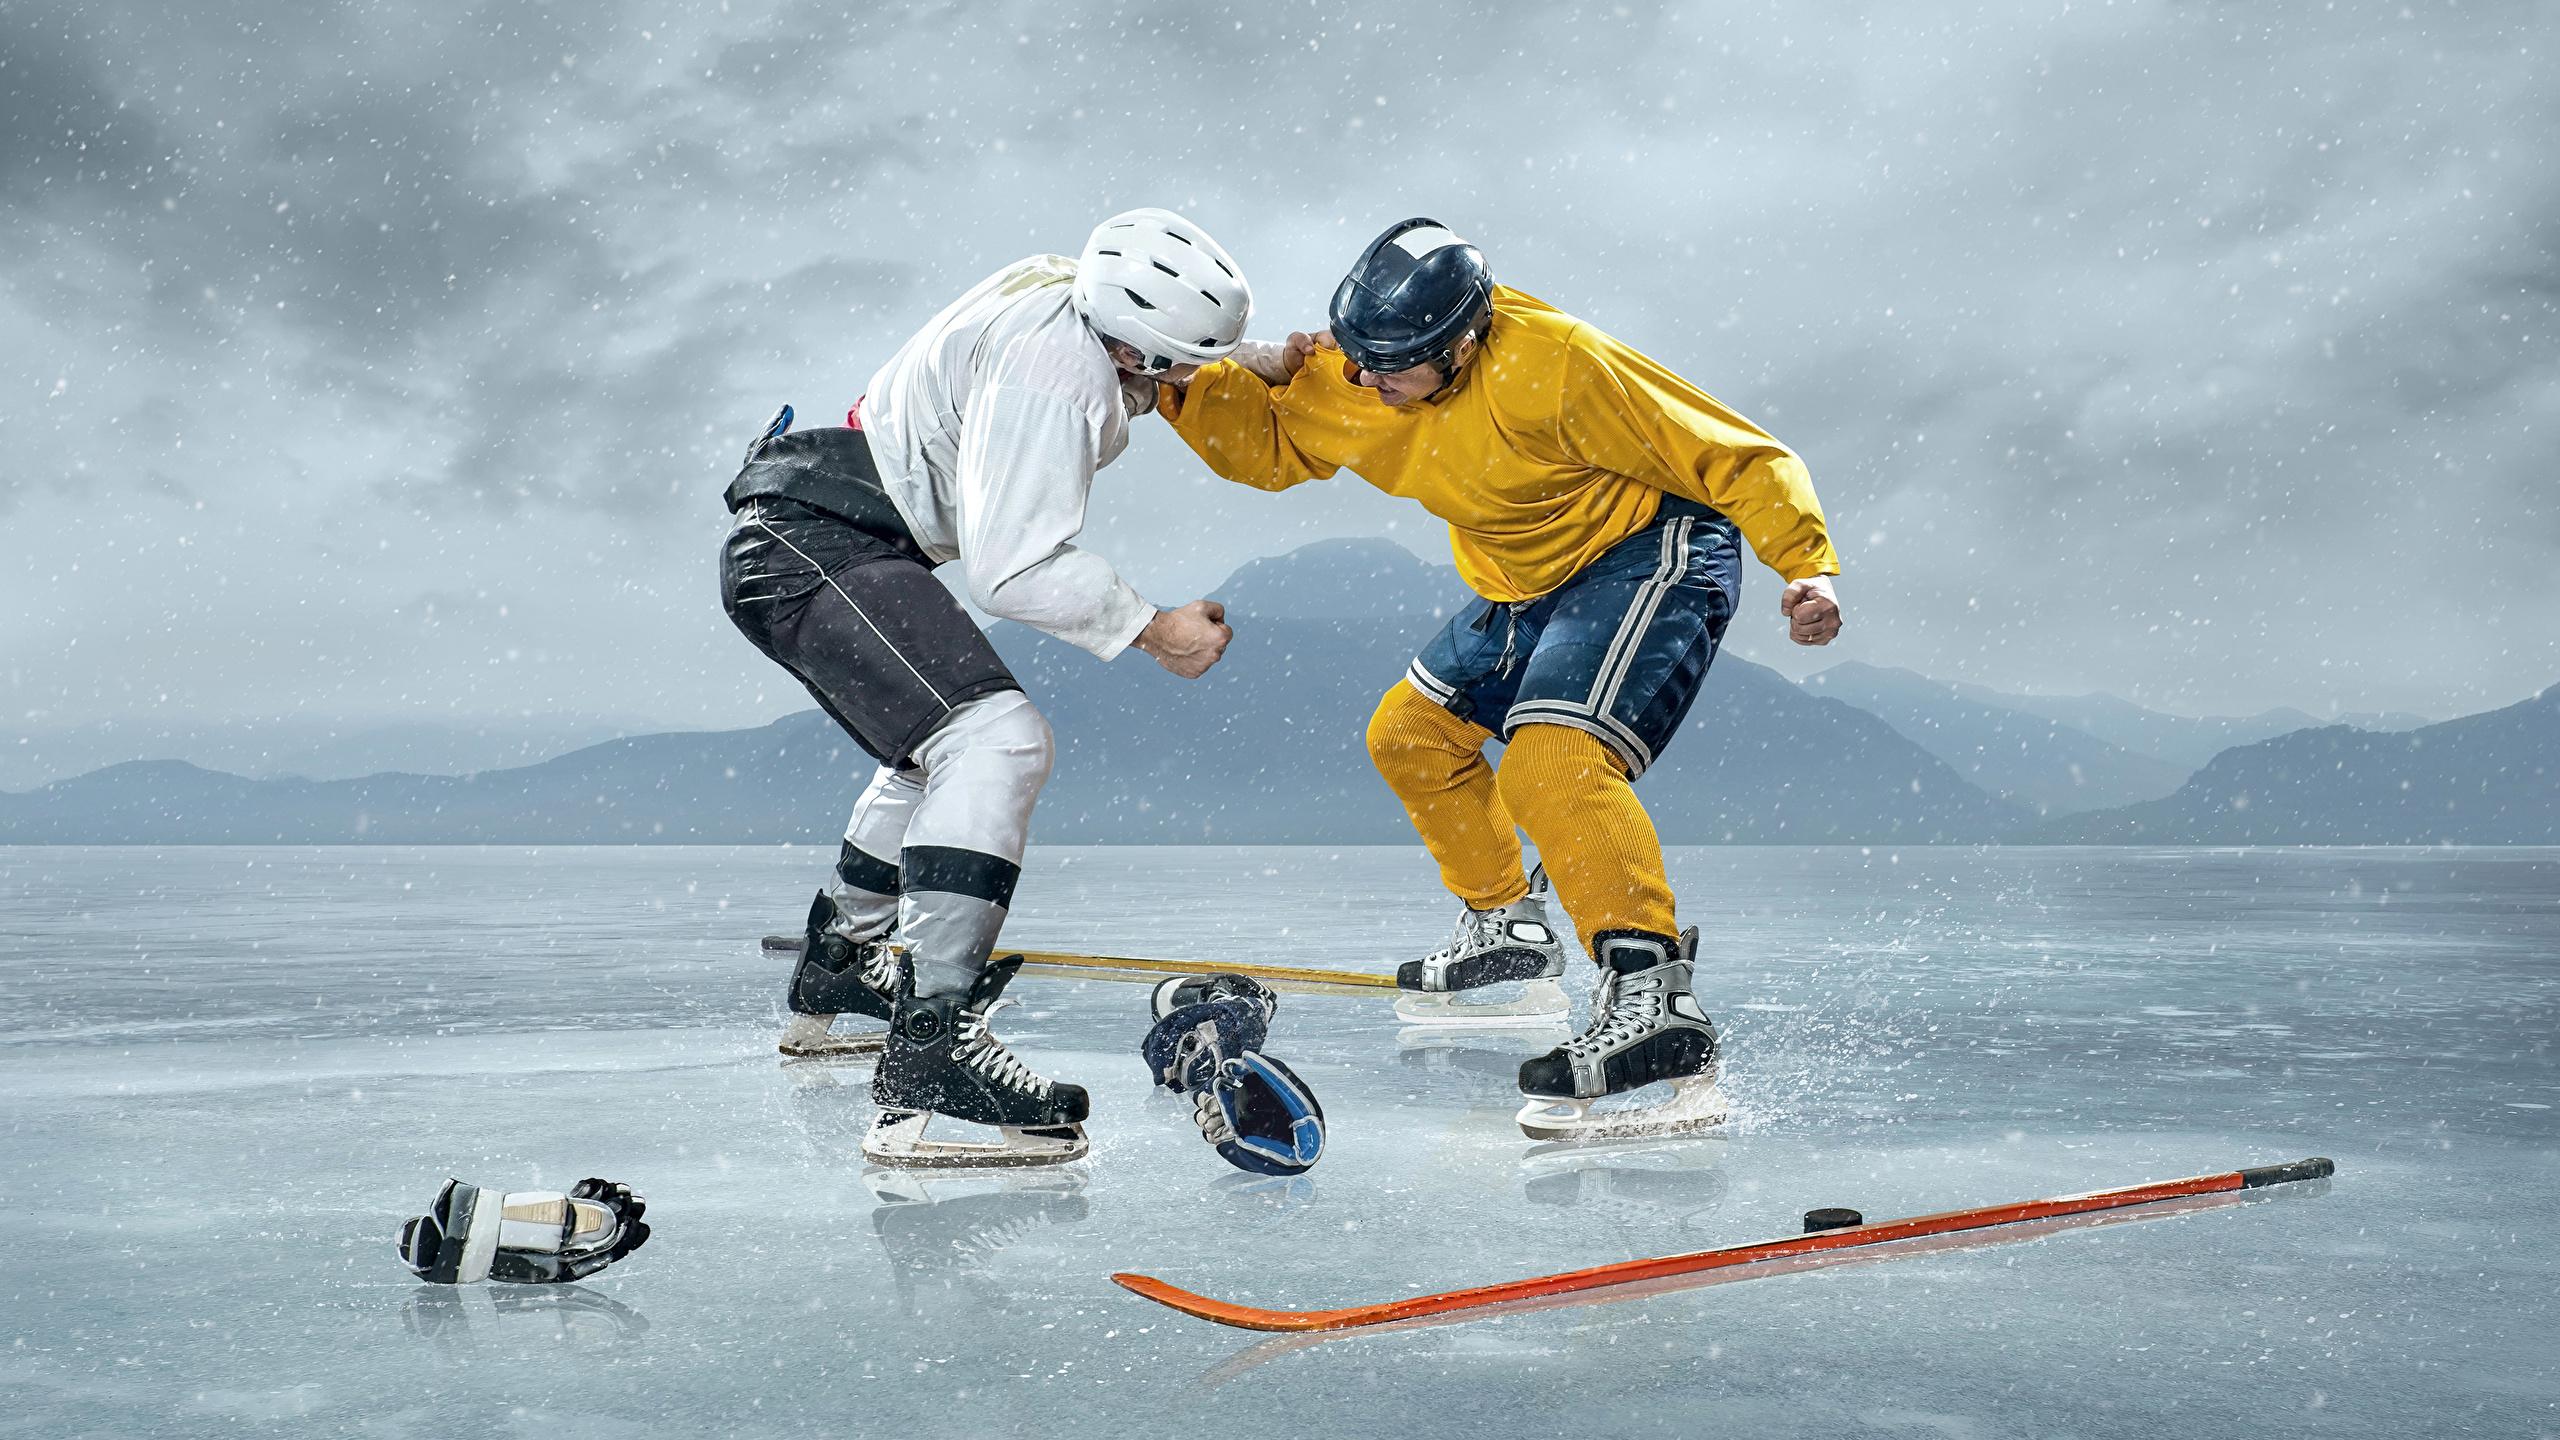 Bilder Helm Mann Eis Zwei Sport Schlägerei Hockey Uniform 2560x1440 2